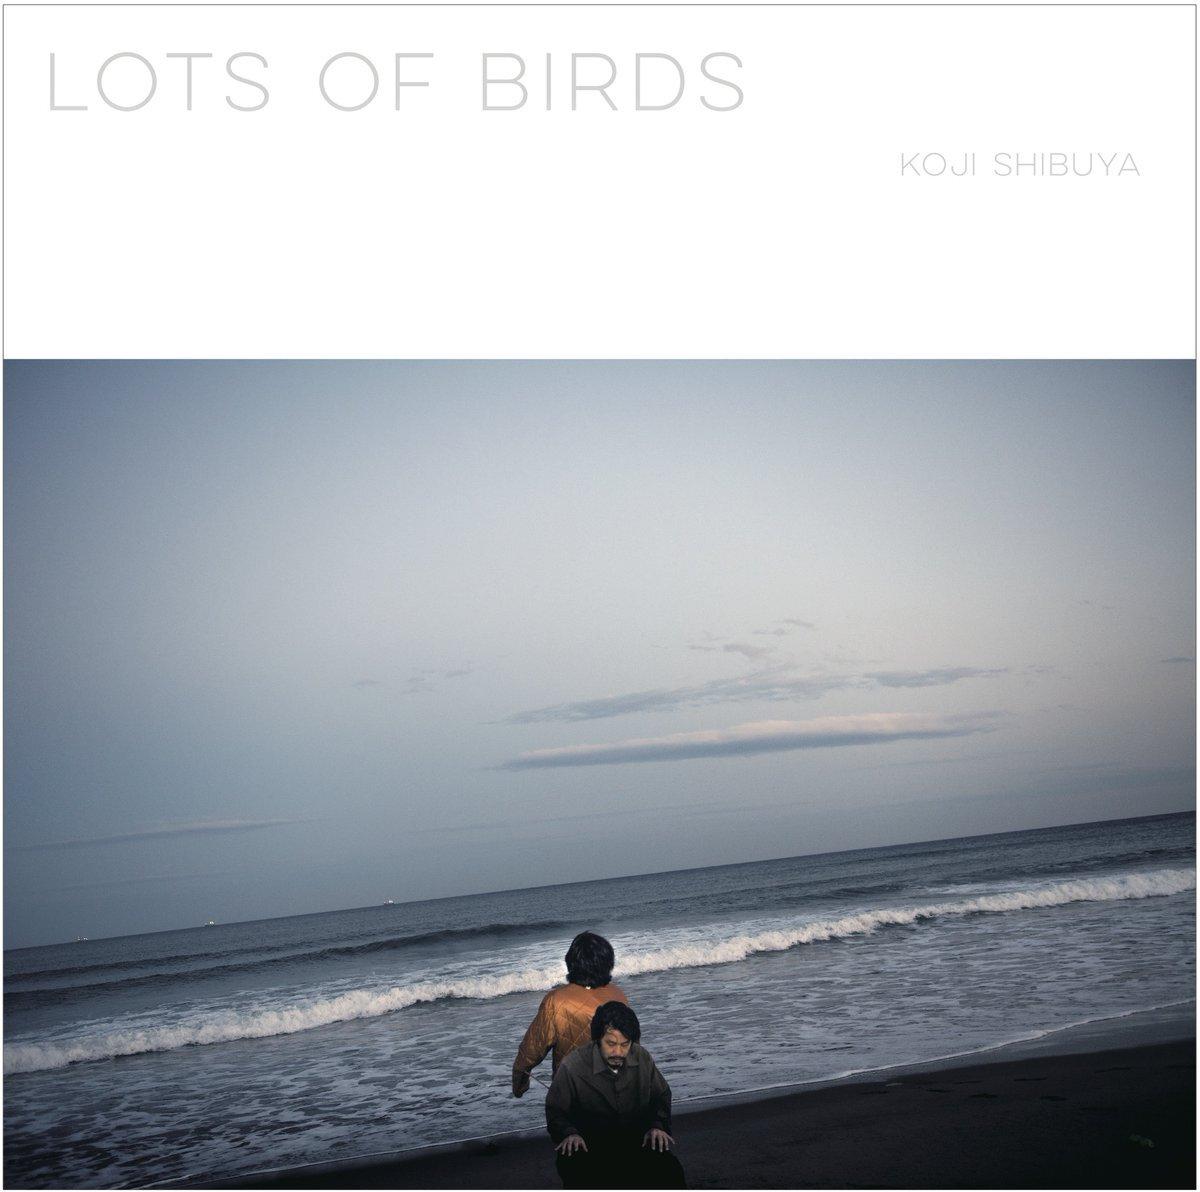 澁谷浩次『Lots of Birds』